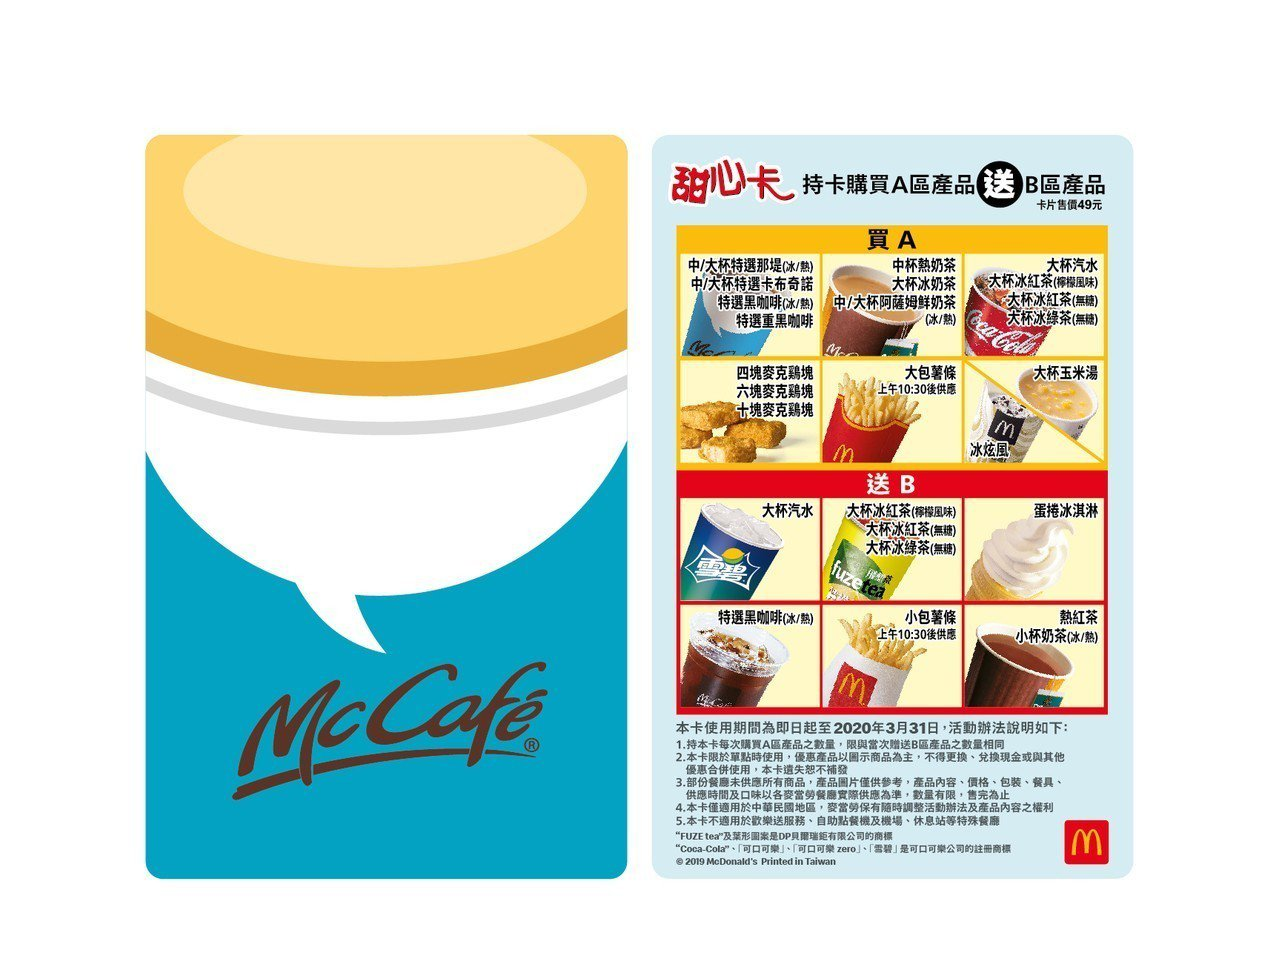 2019全新甜心卡-McCafé。圖/麥當勞提供